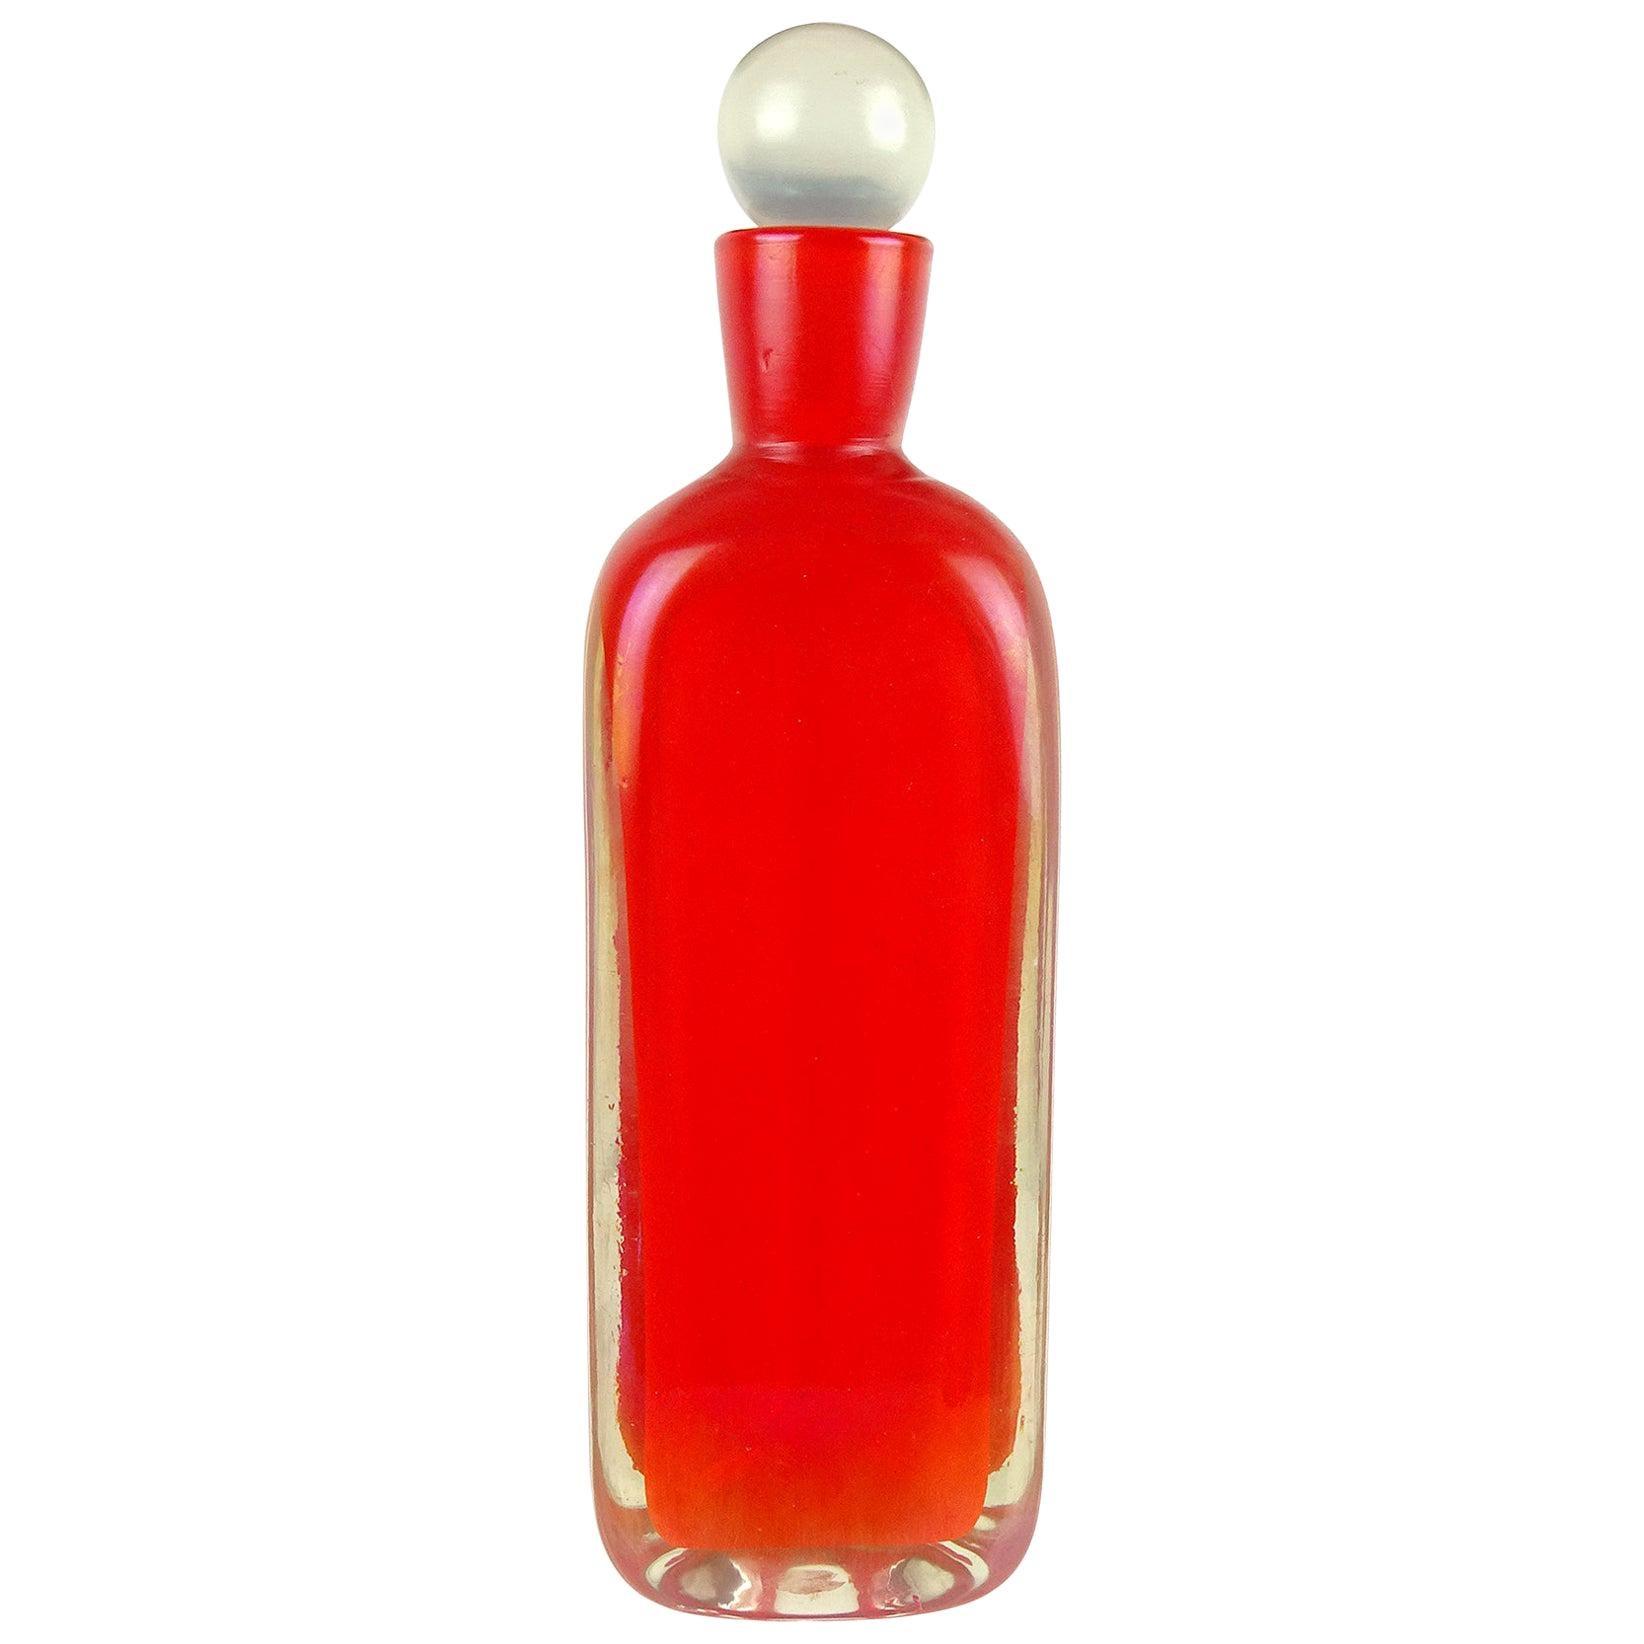 Fratelli Toso Murano Triangle Orange Iridescent Italian Art Glass Decanter